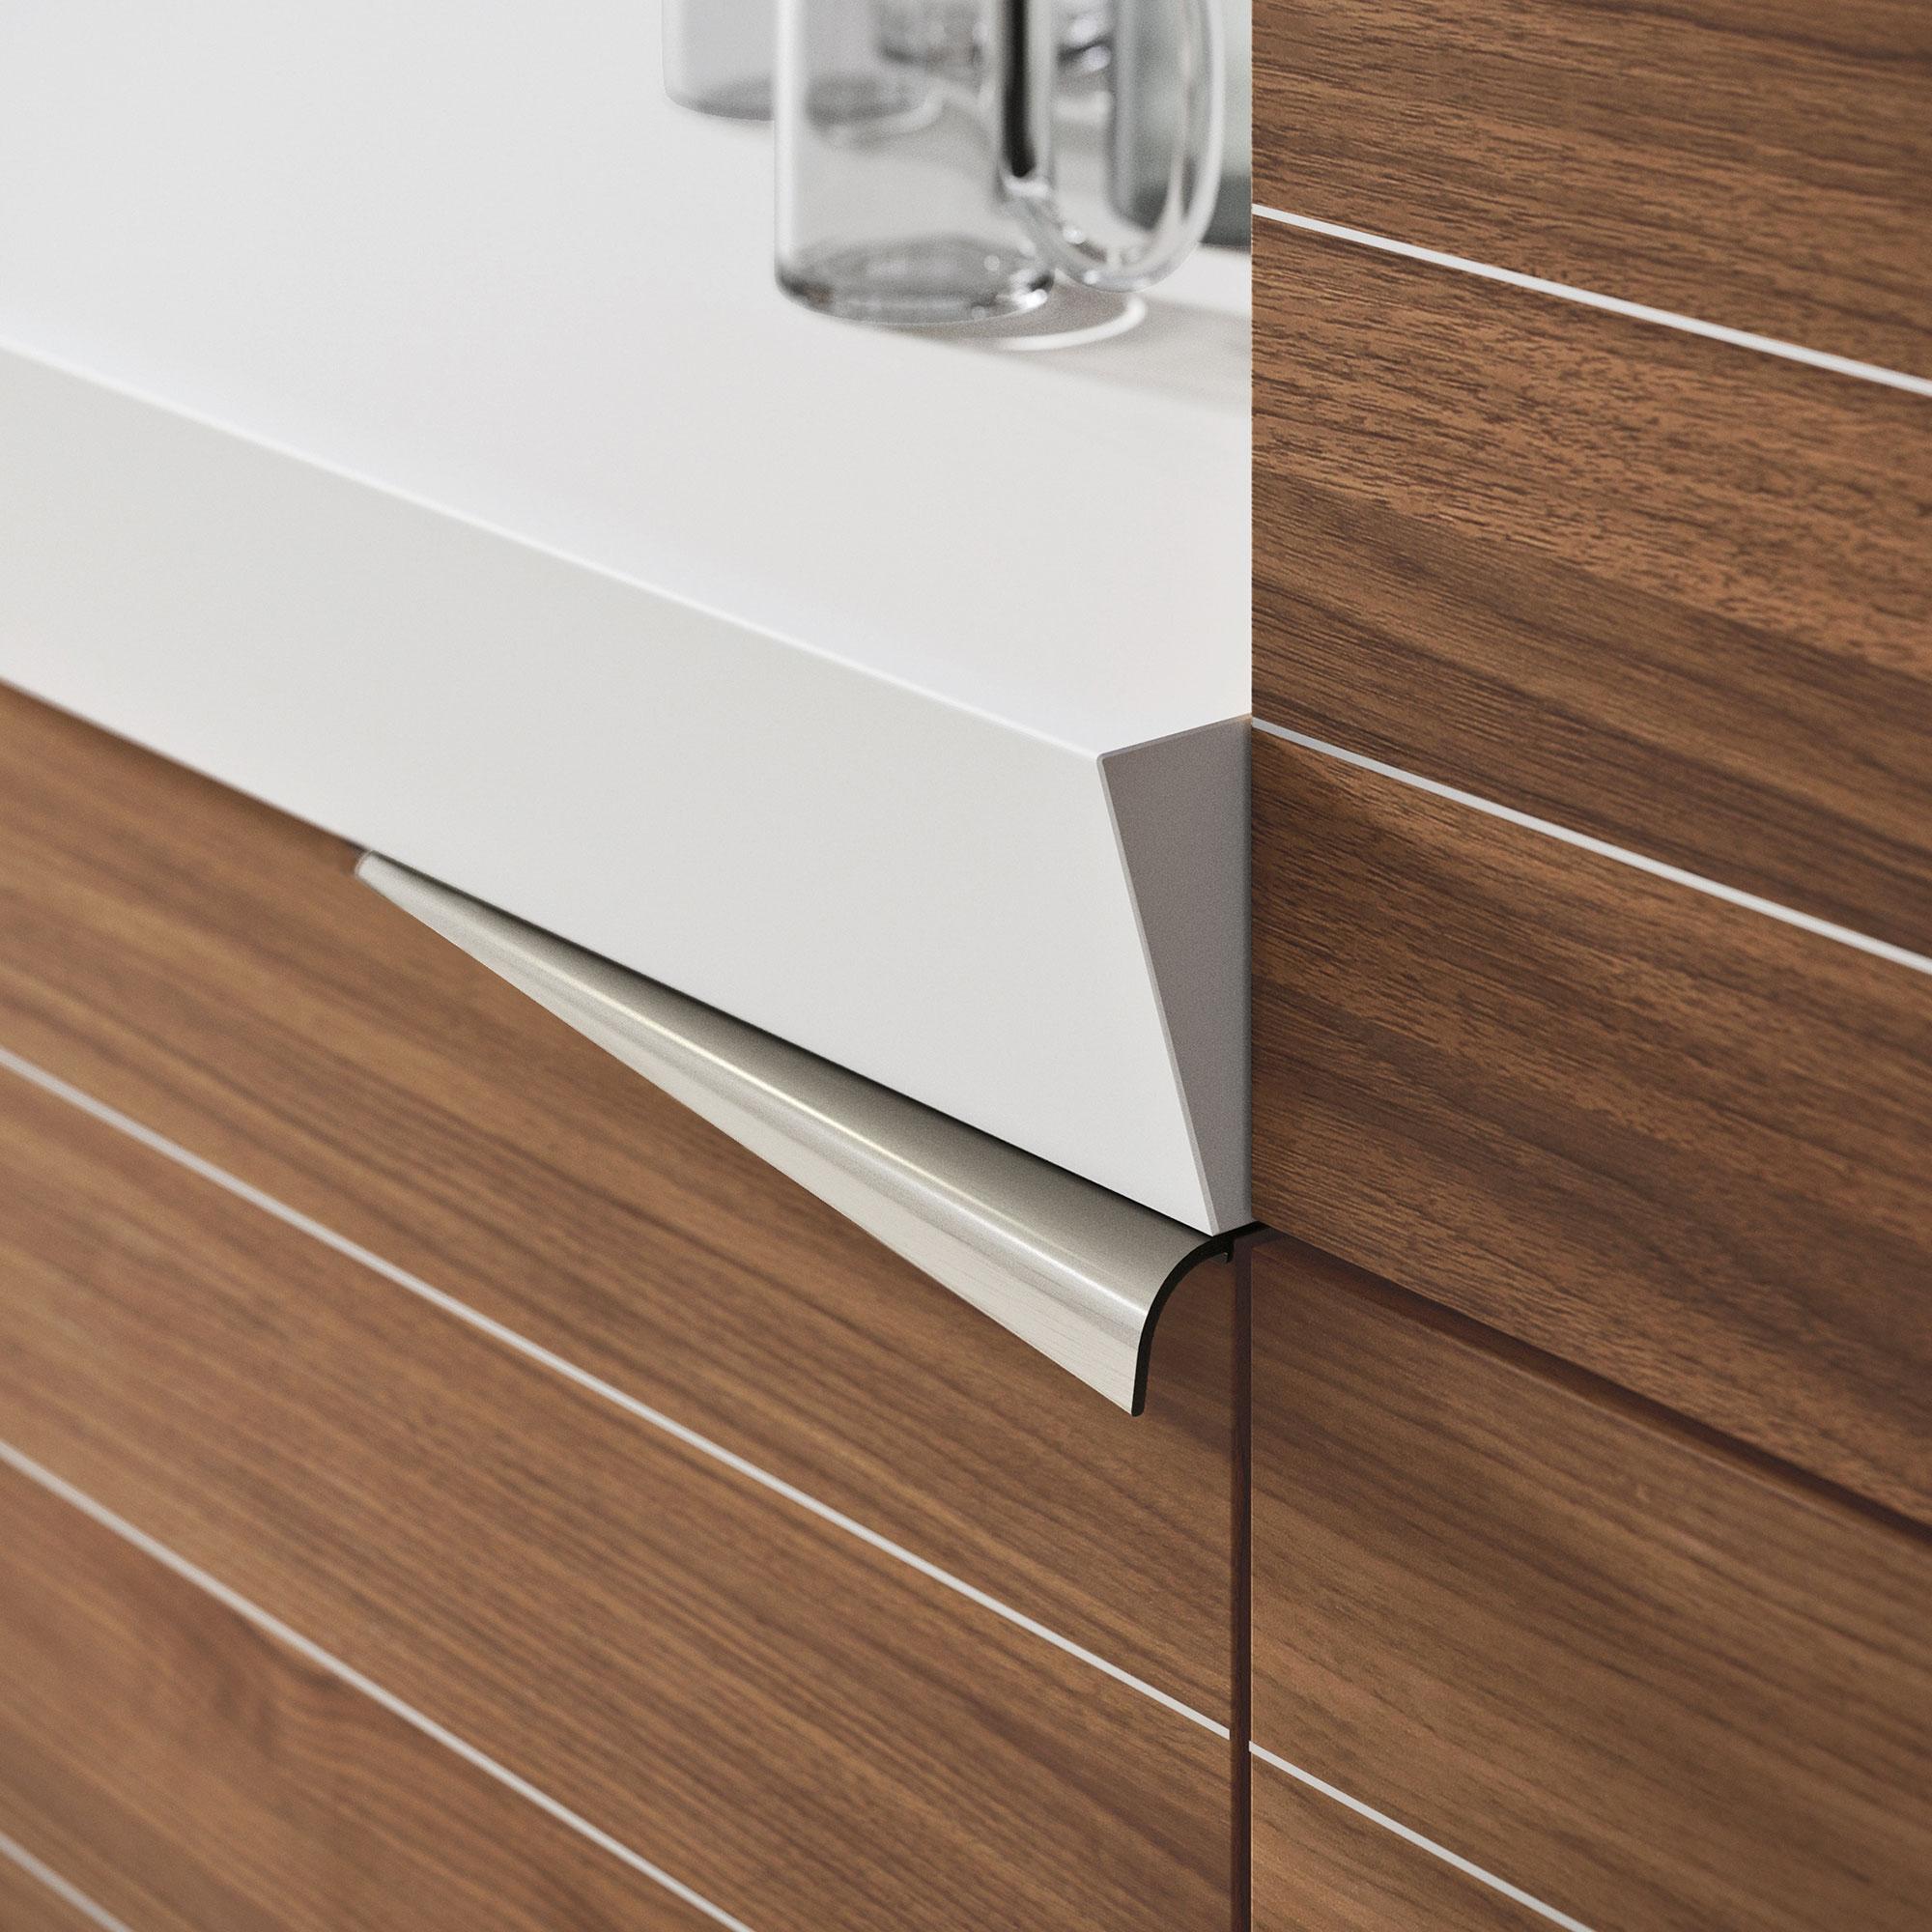 Современный дизайн кухонного гарнитура: стык столешницы со шкафом